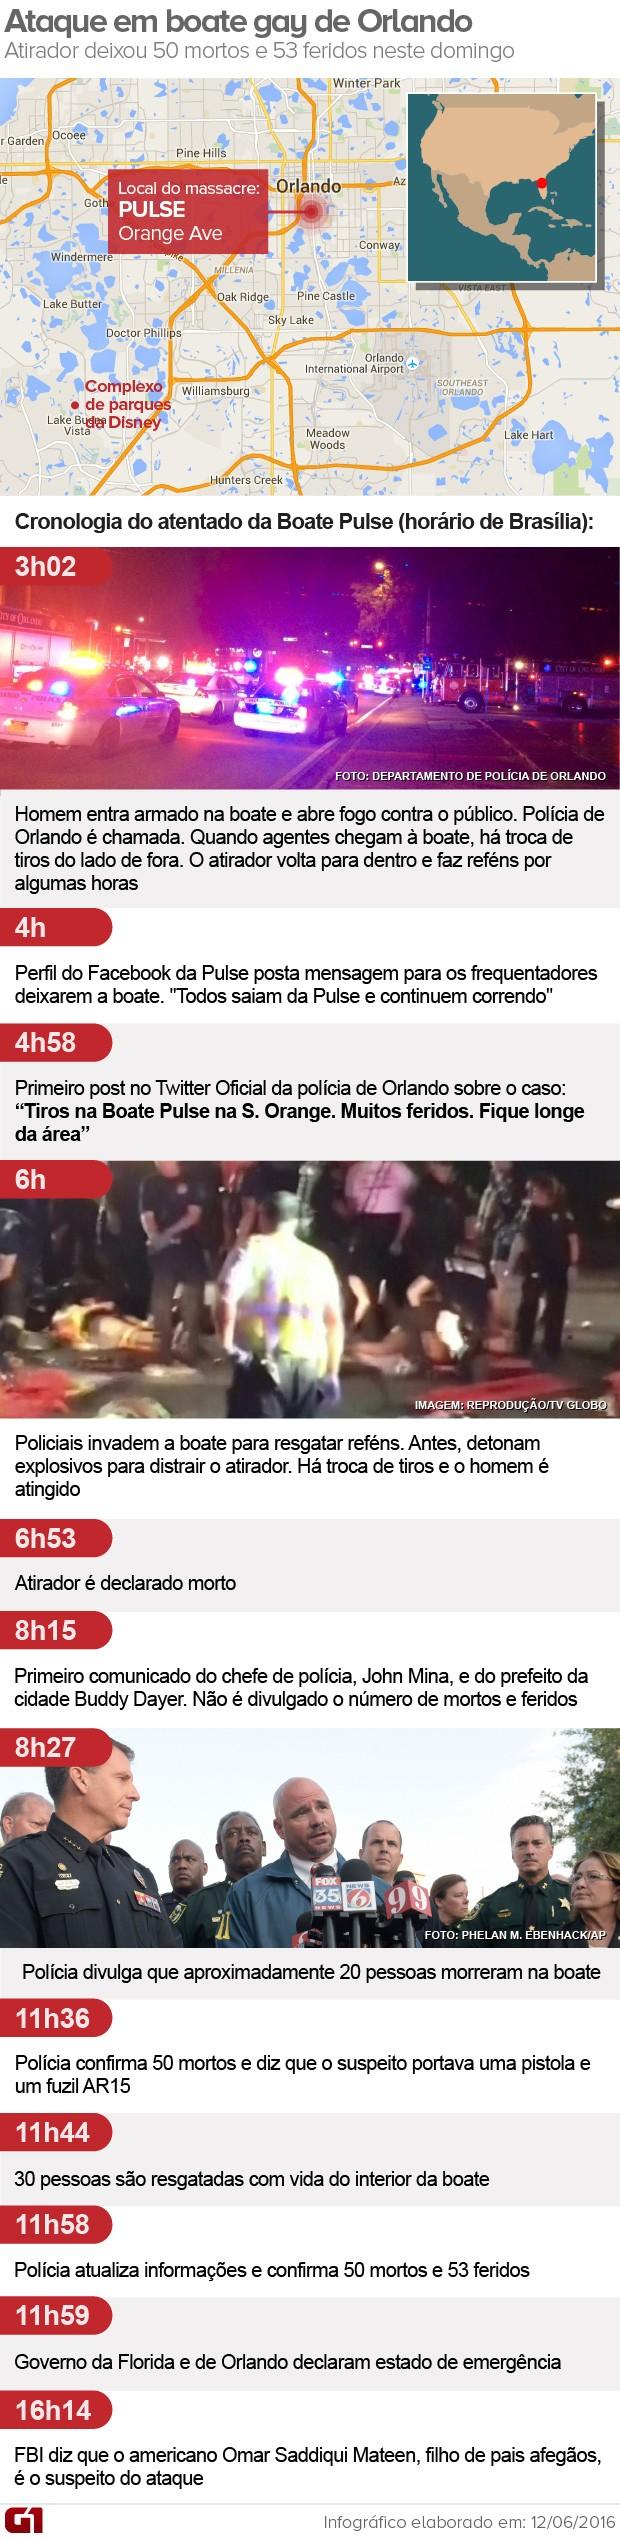 ARTE - ataque em boate de Orlando - VALE ESTA (Foto: Arte/G1)